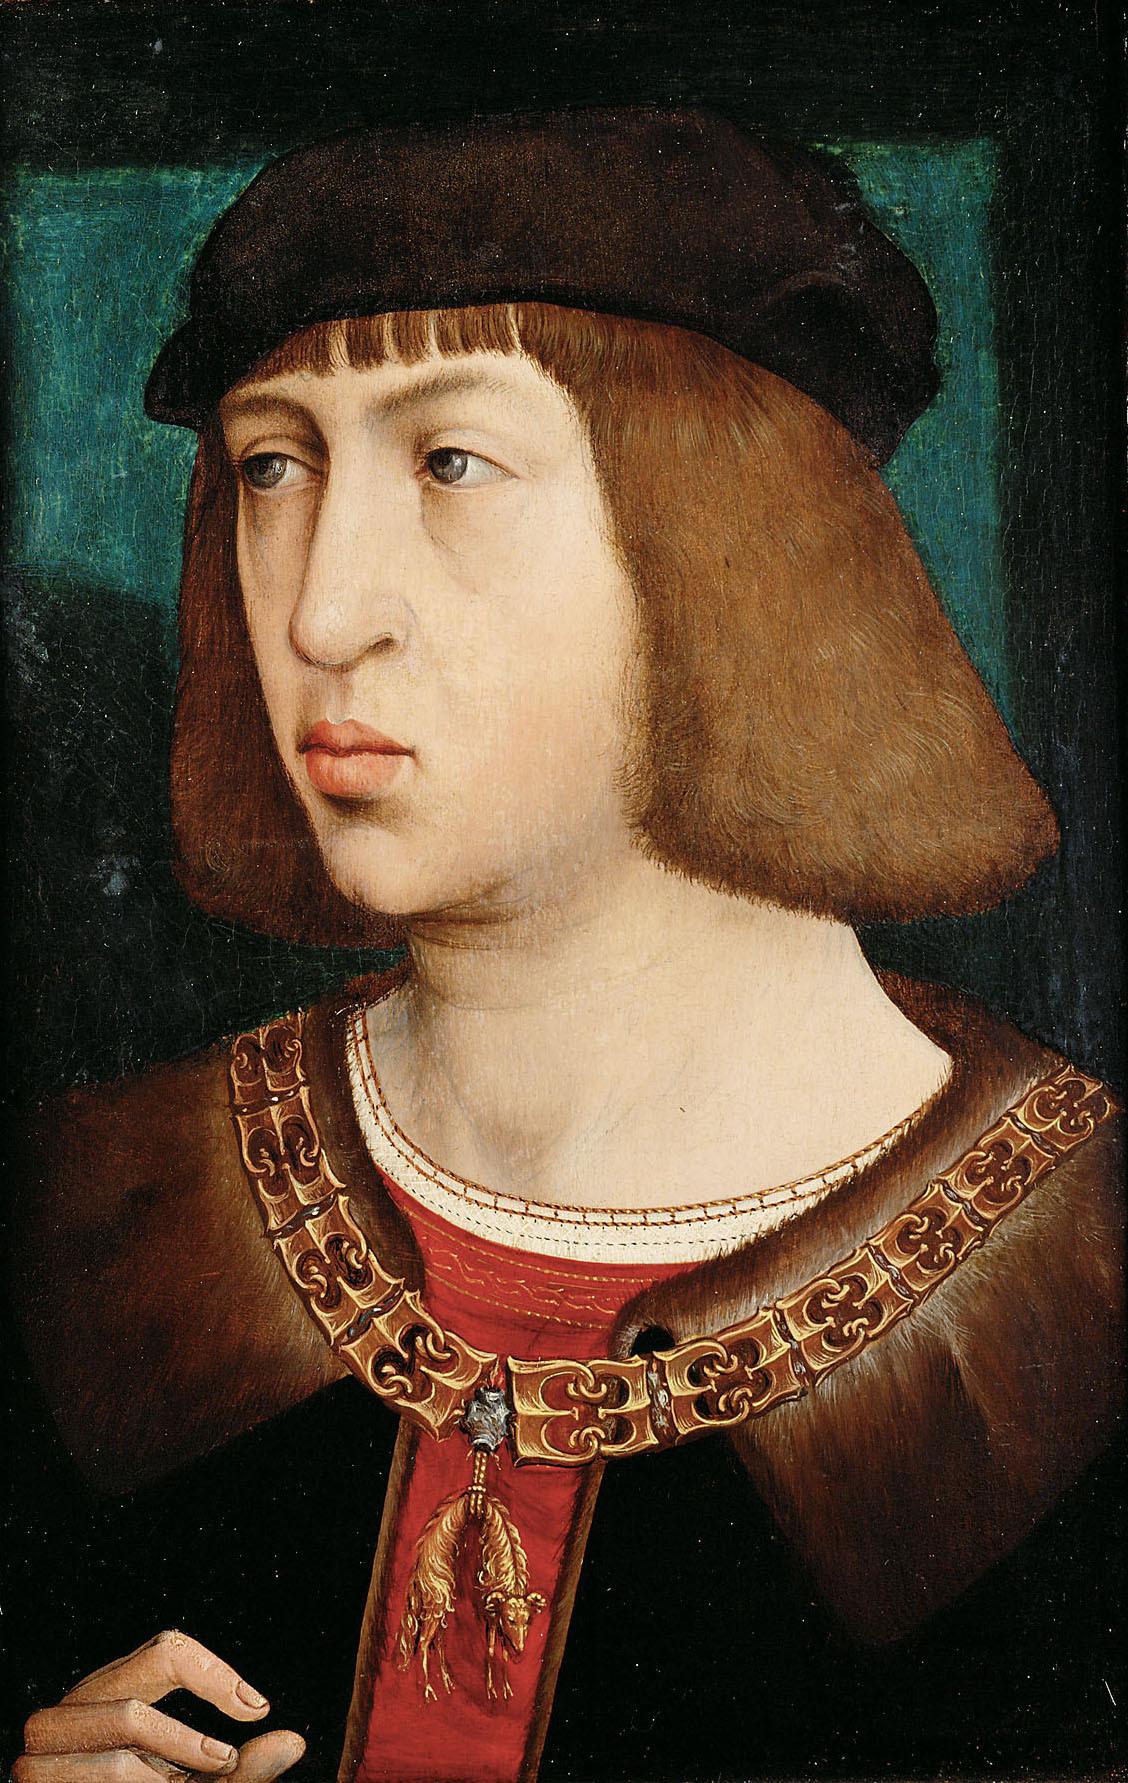 Philipp der Schöne (1478-1506) von Juan de Flandes